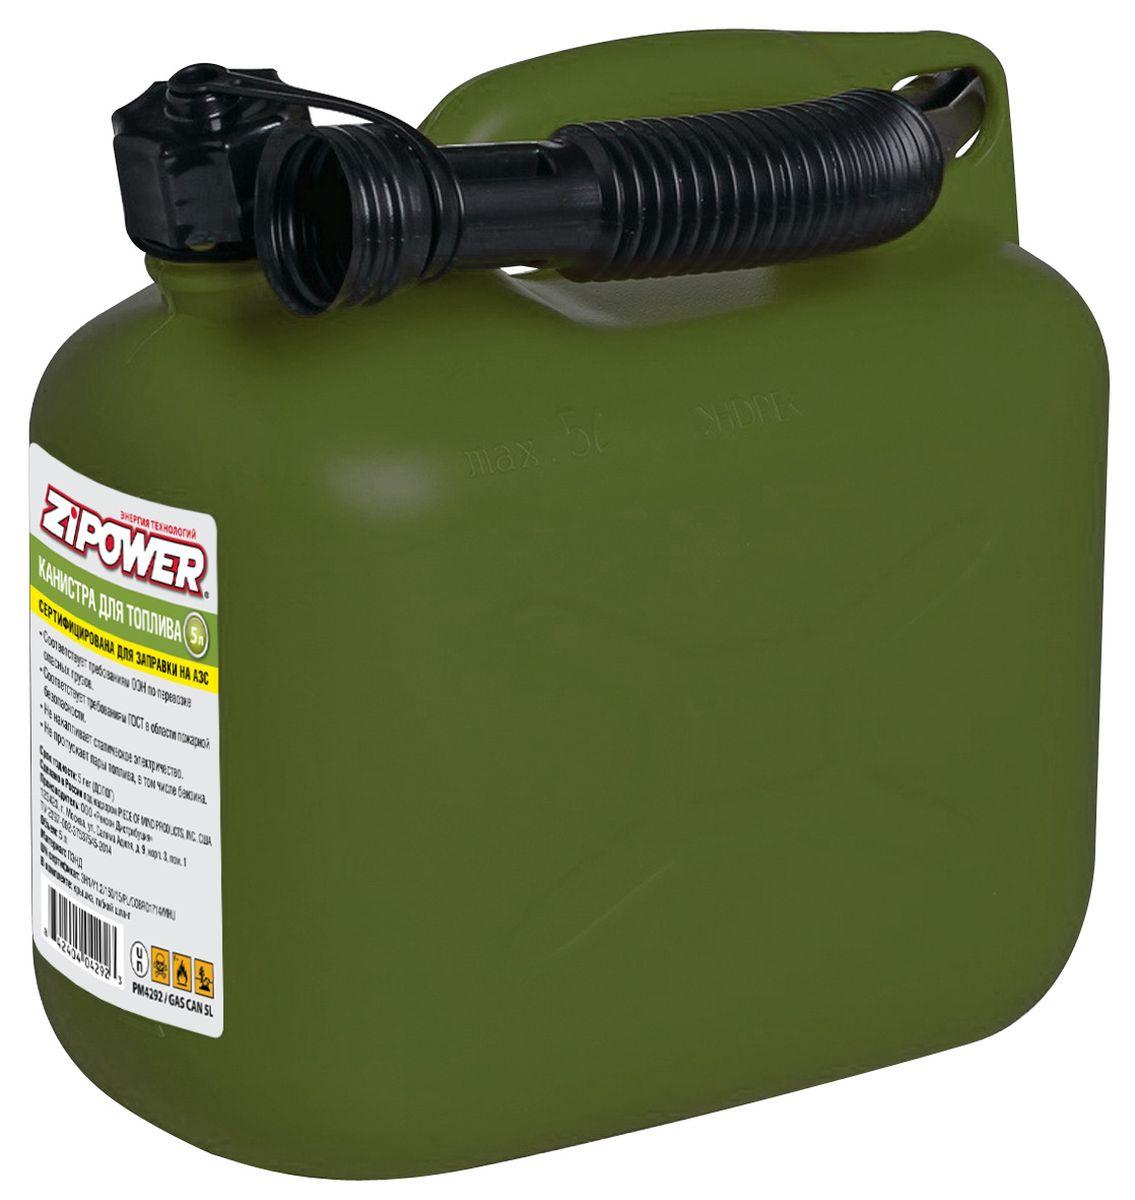 Канистра для топлива Zipower, цвет: оливковый, 5 лGC204/30Канистры предназначены для хранения горюче-смазочных материалов. Канистры изготовлены из первичного сырья ПЭНД и не накапливают статический заряд. Товар имеет европейский сертификат соответствия 3H1/Y1.2/150/15/PL/COBR01714/MHU, который позволяет производить заливку бензина в канистру и контактировать с металлическим пистолетом на АЗС.Все канистры укомплектовываются крышкой и гибким шлангом.